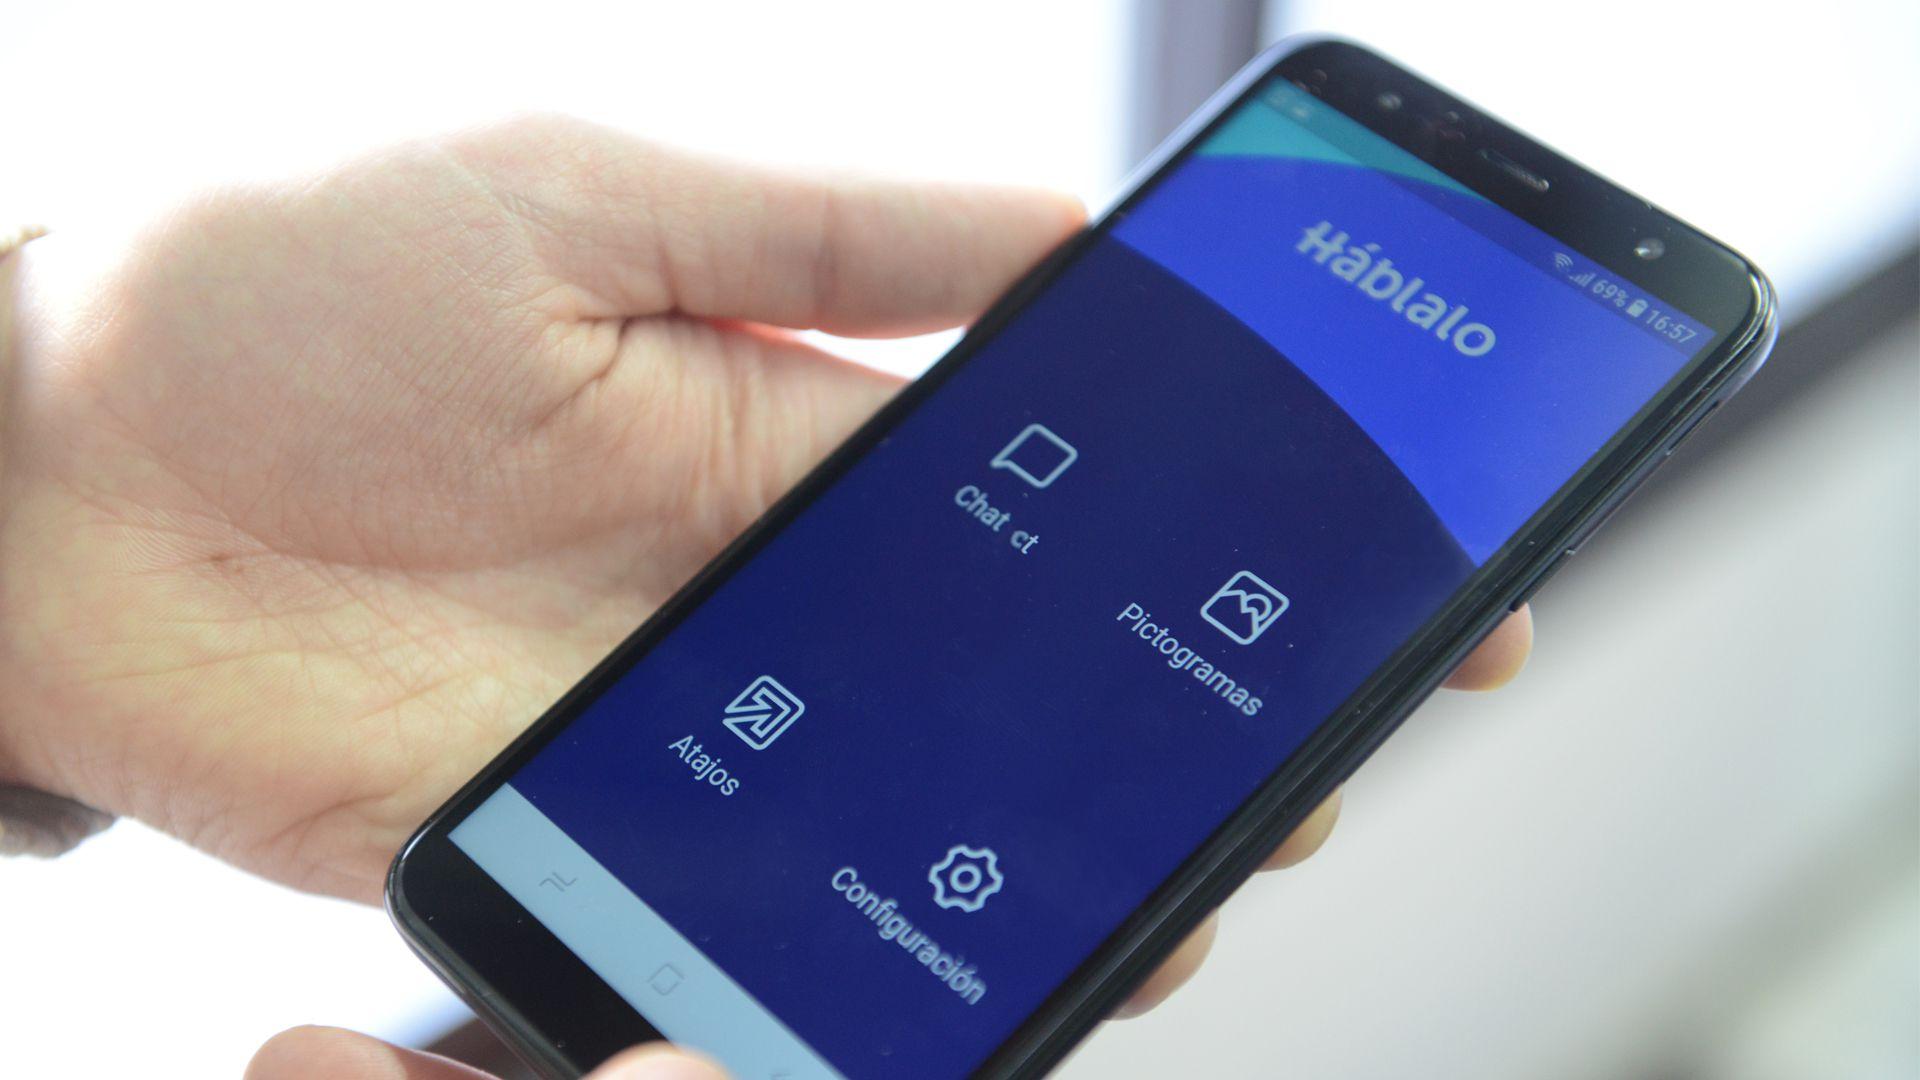 Háblalo, la app creada por Mateo Salvatto (Fernando Calzada)